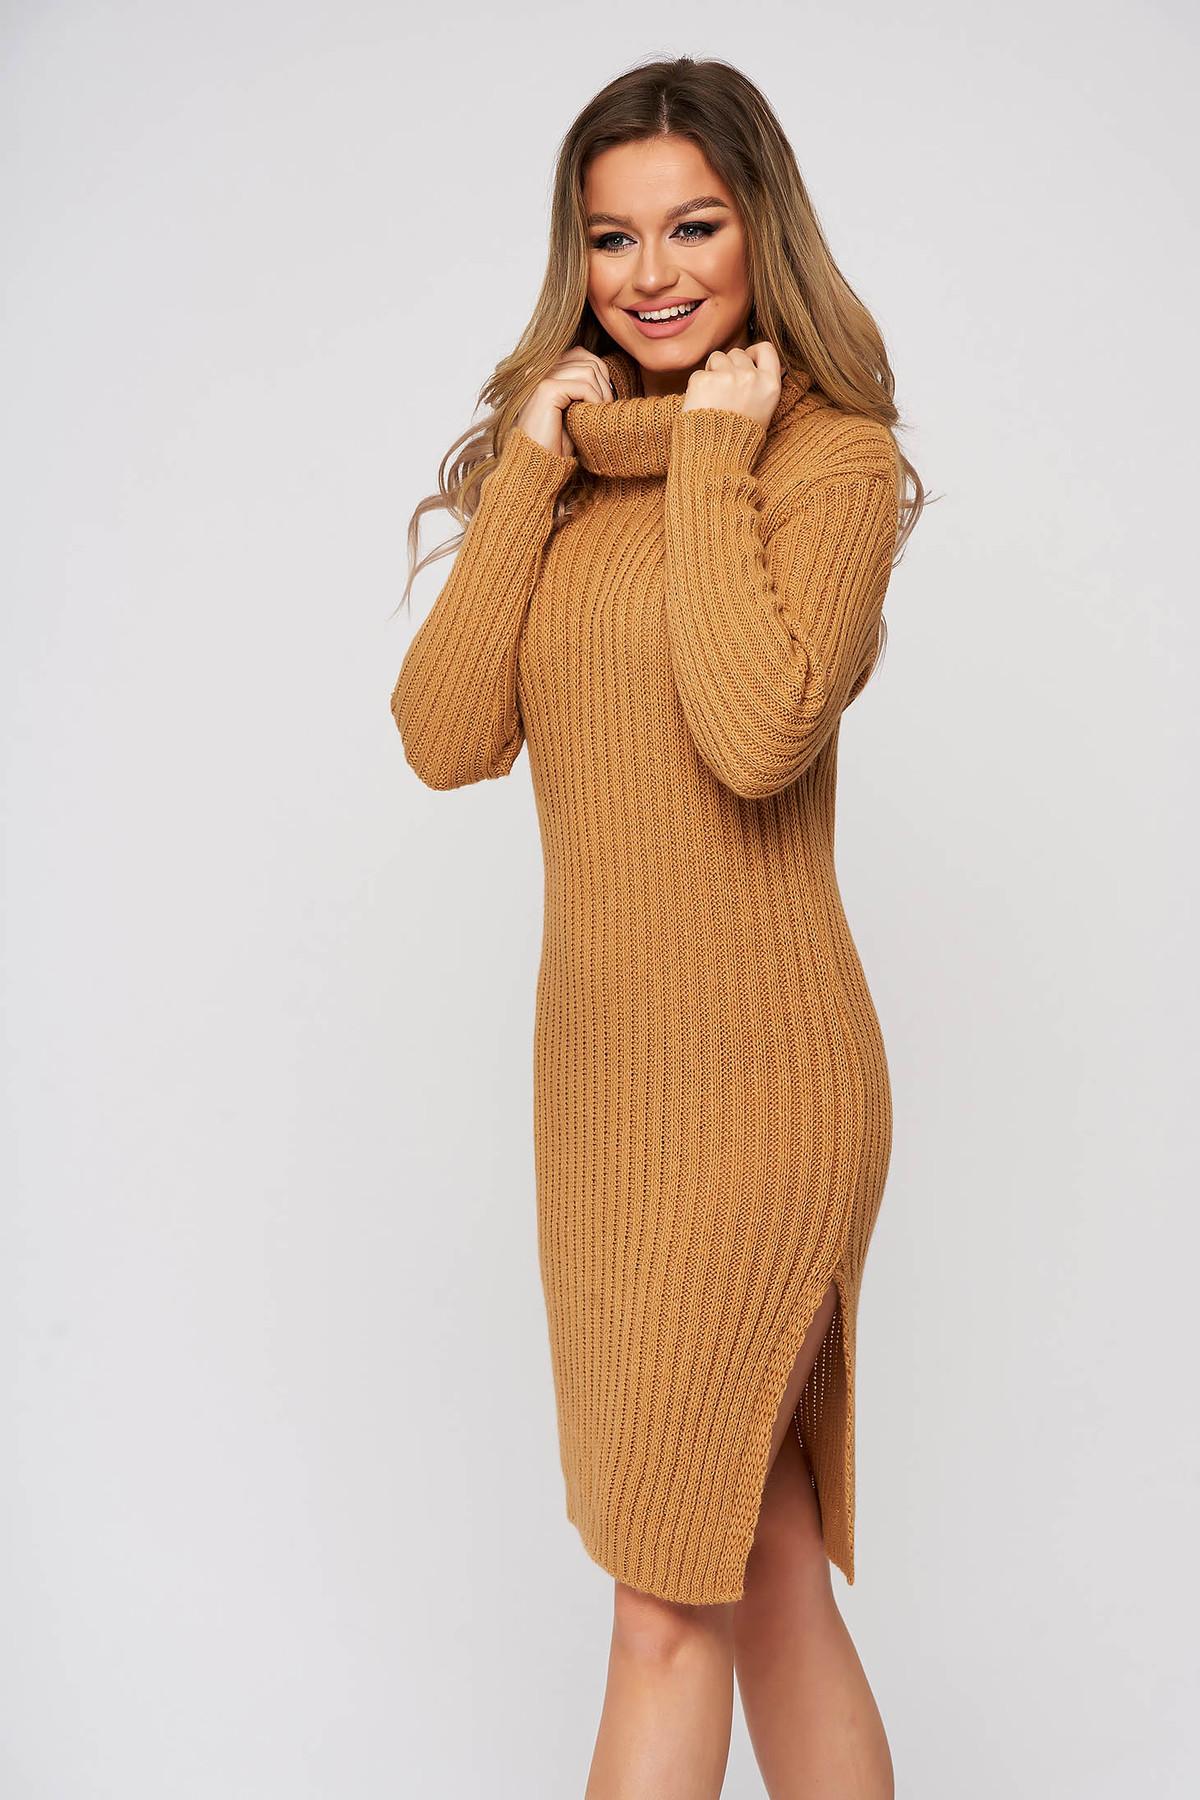 Rochie SunShine cappuccino din tricot reiat elastic pe gat cu croi mulat SunShine